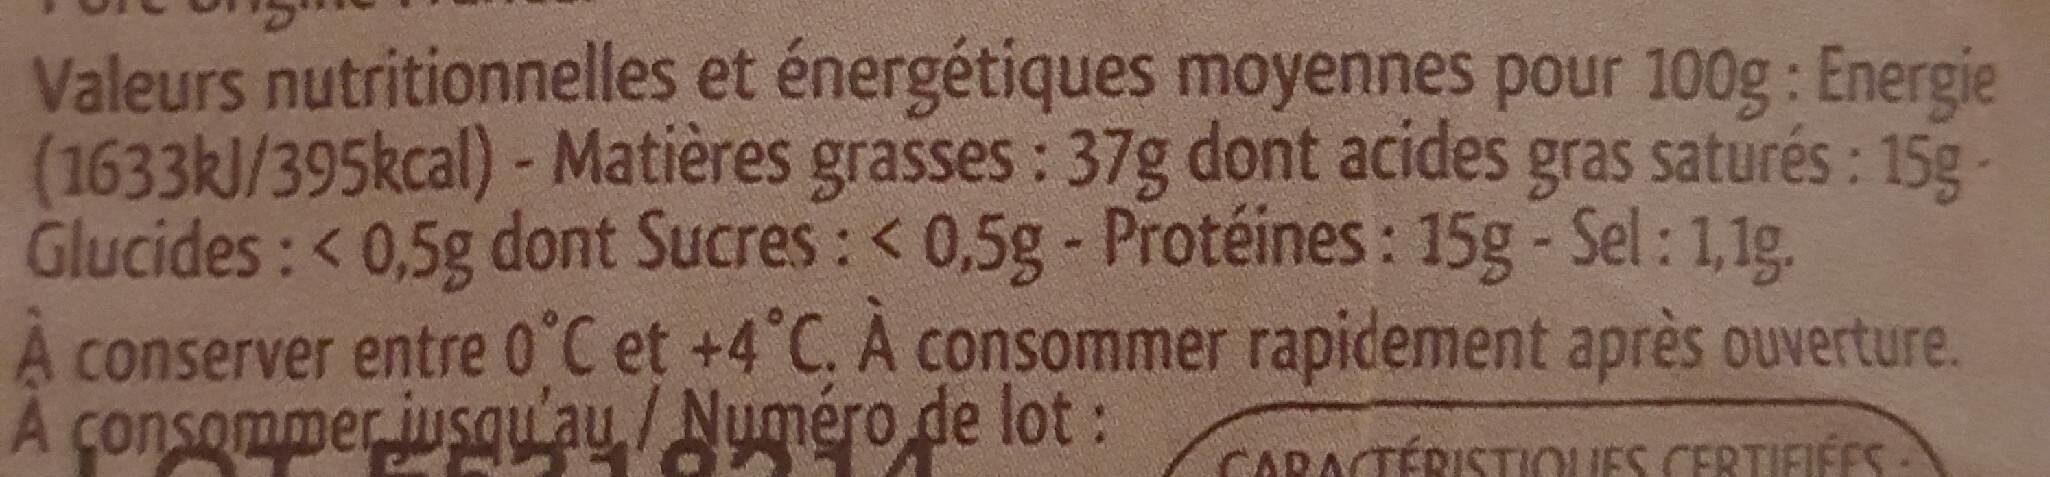 Rillettes pur porc a l'ancienne - Informations nutritionnelles - fr